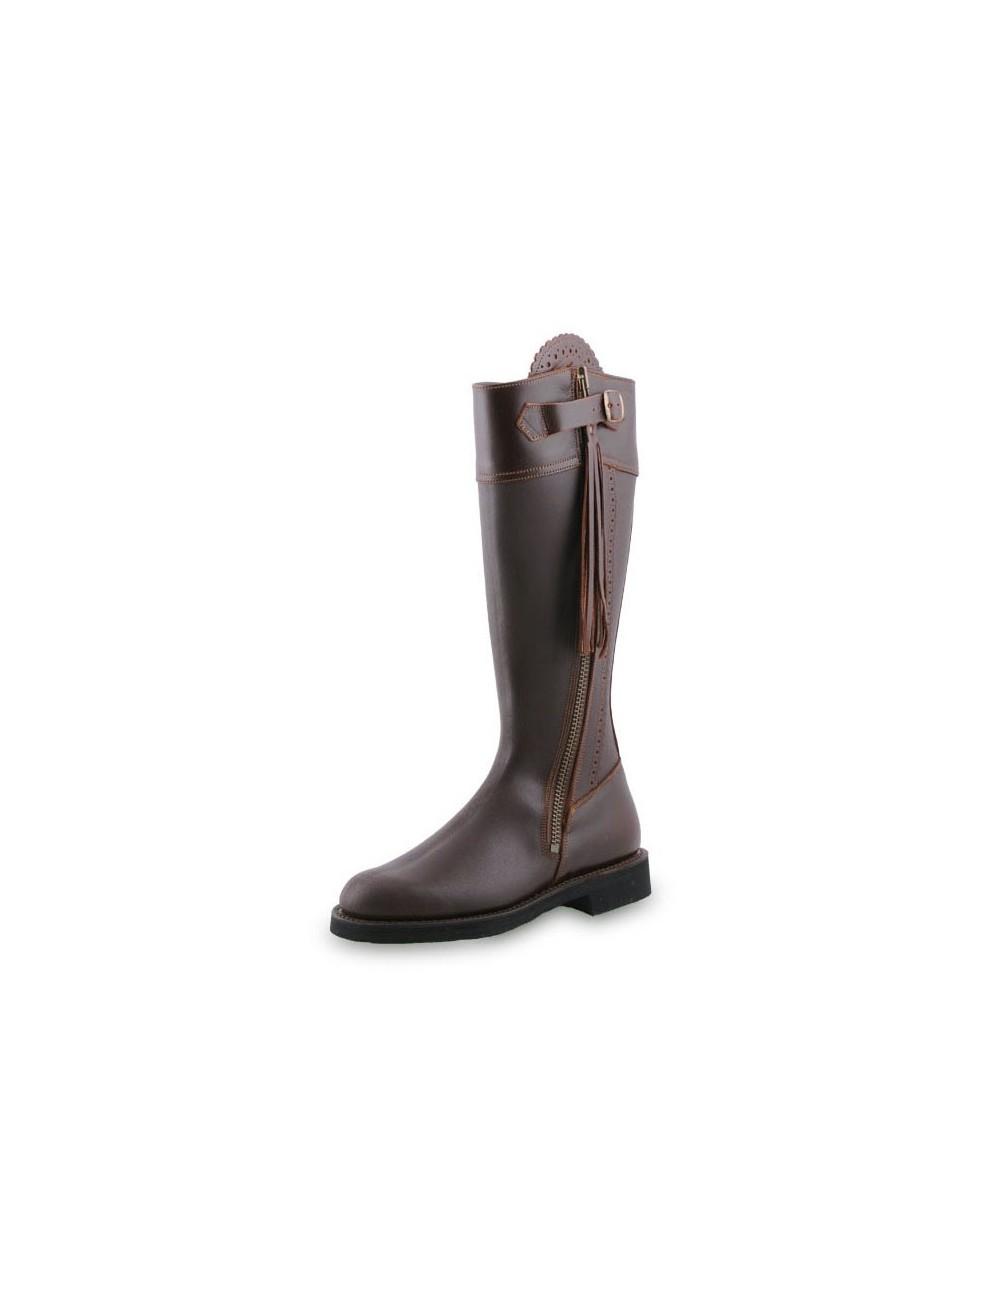 Bottes de chasse cuir marron imperméables | Bottes, Botte de